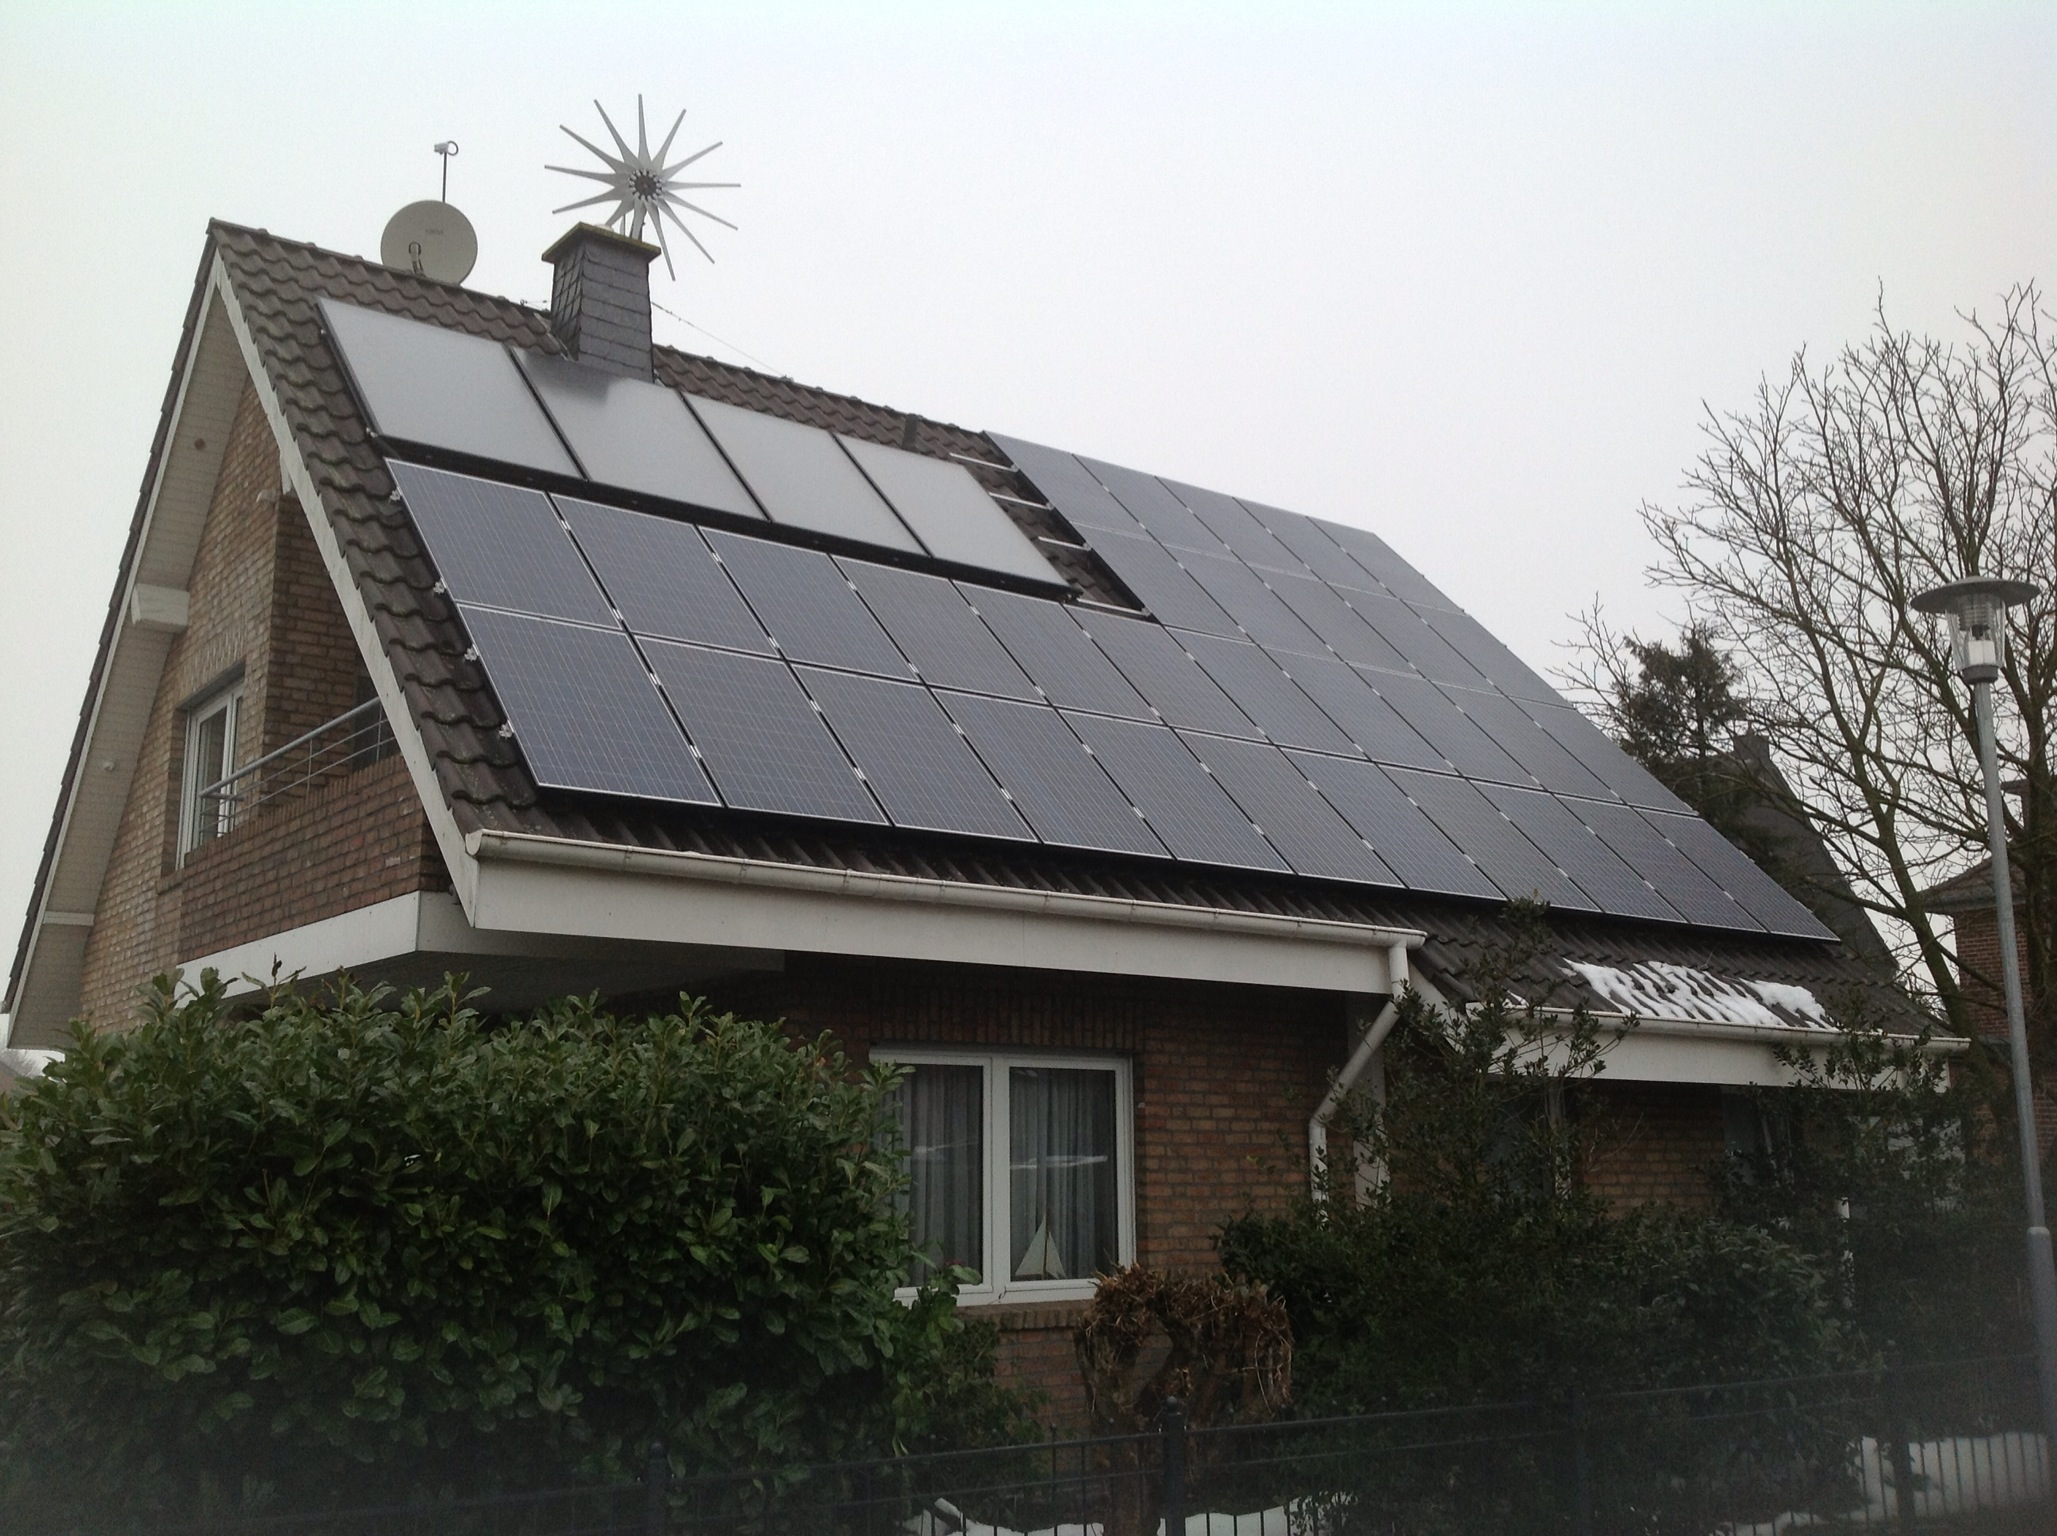 ASDgreen.de Autonome Energieversorgung. Hier finden Sie einen Kontakt zu Ihrer Eigenversorgung mit Strom und Wärme, zu einer grösseren Unabhängigkeit.